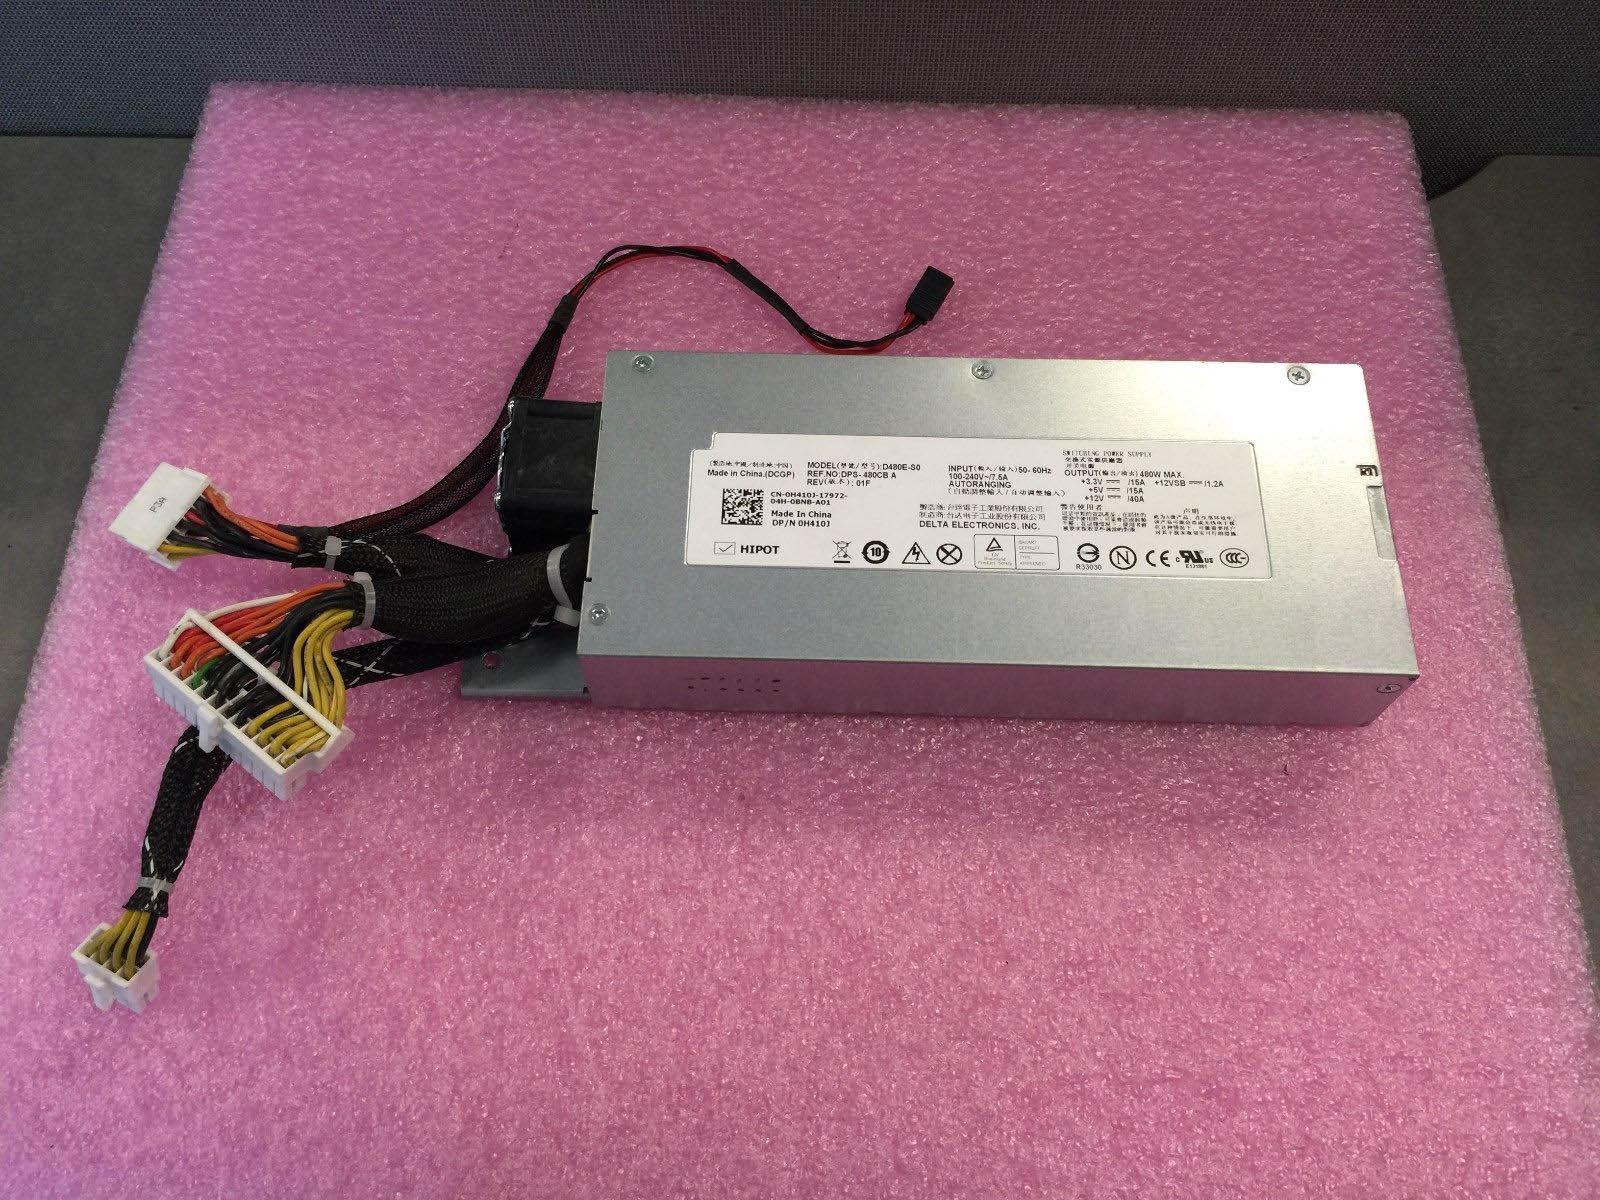 100% Working Desktop For R410 D480E-S0 L480E-S0 0H411J PS-4481-1D-LF 480W Power Supply Full Test